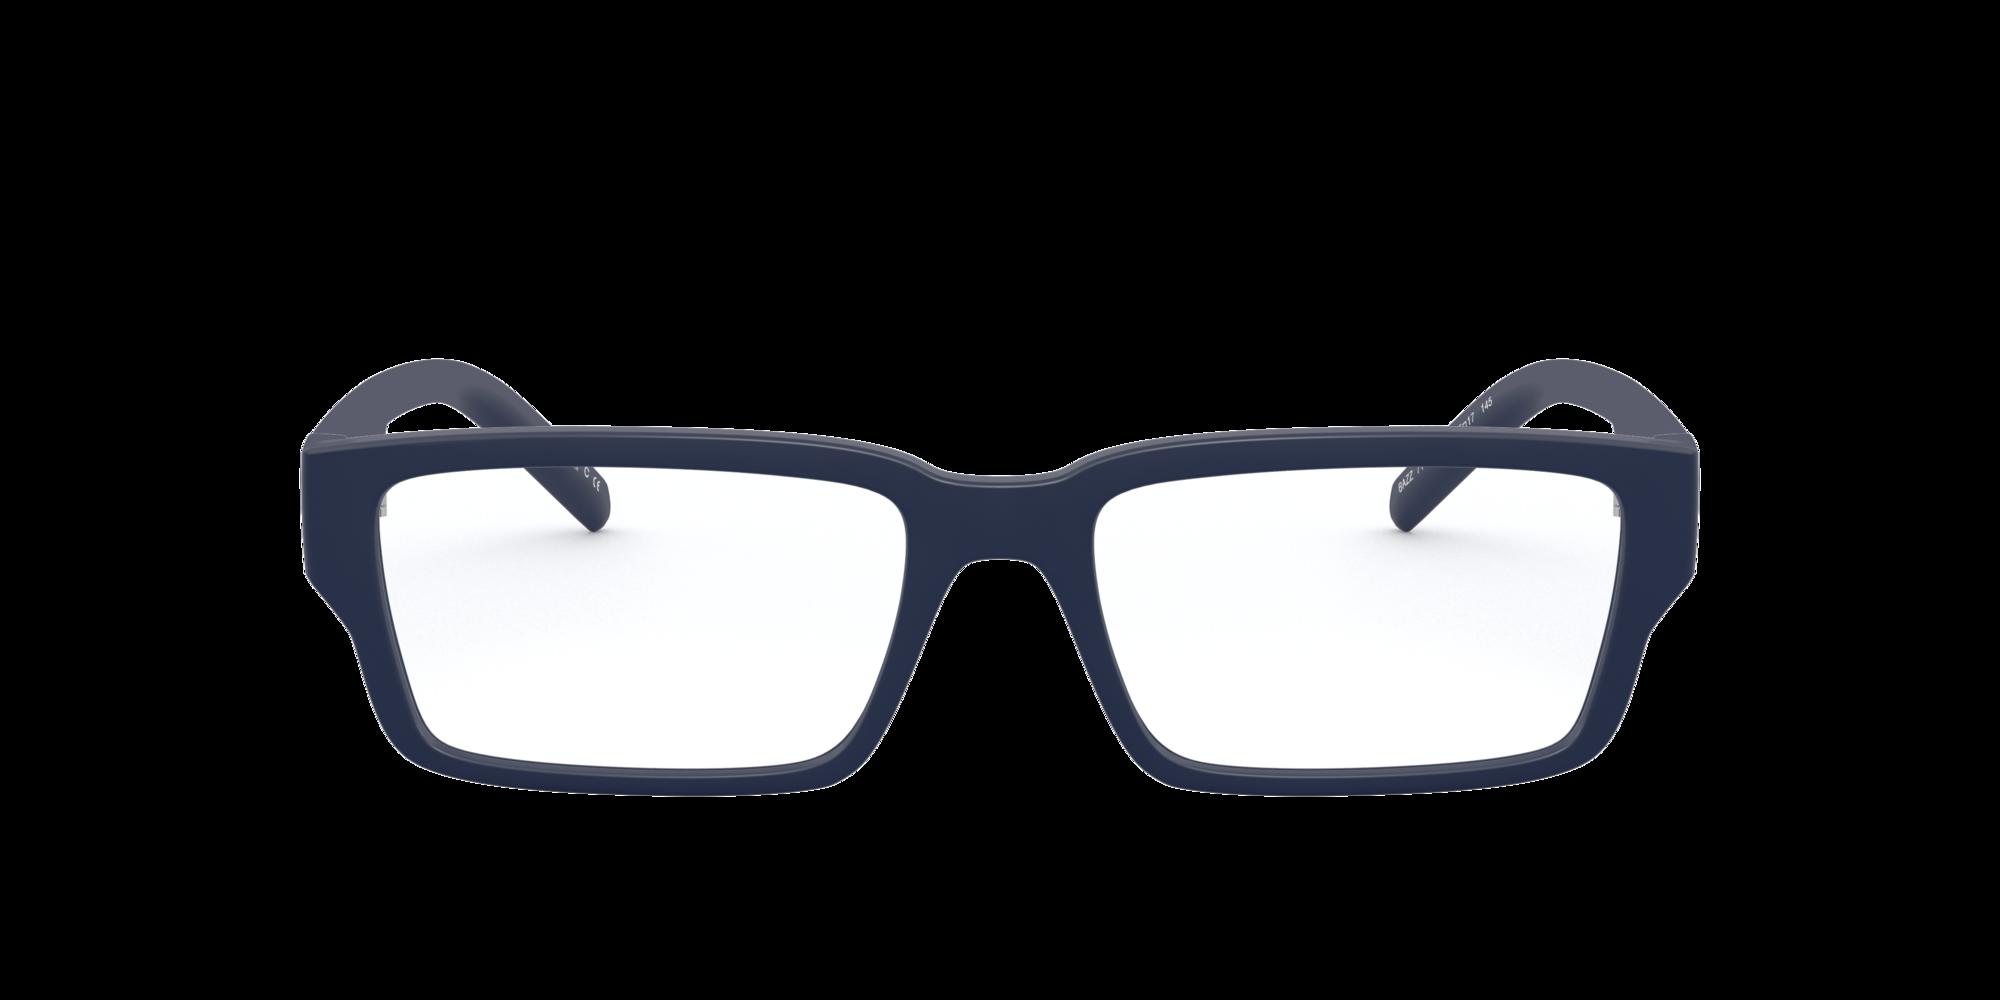 Imagen para AN7181 de LensCrafters |  Espejuelos, espejuelos graduados en línea, gafas